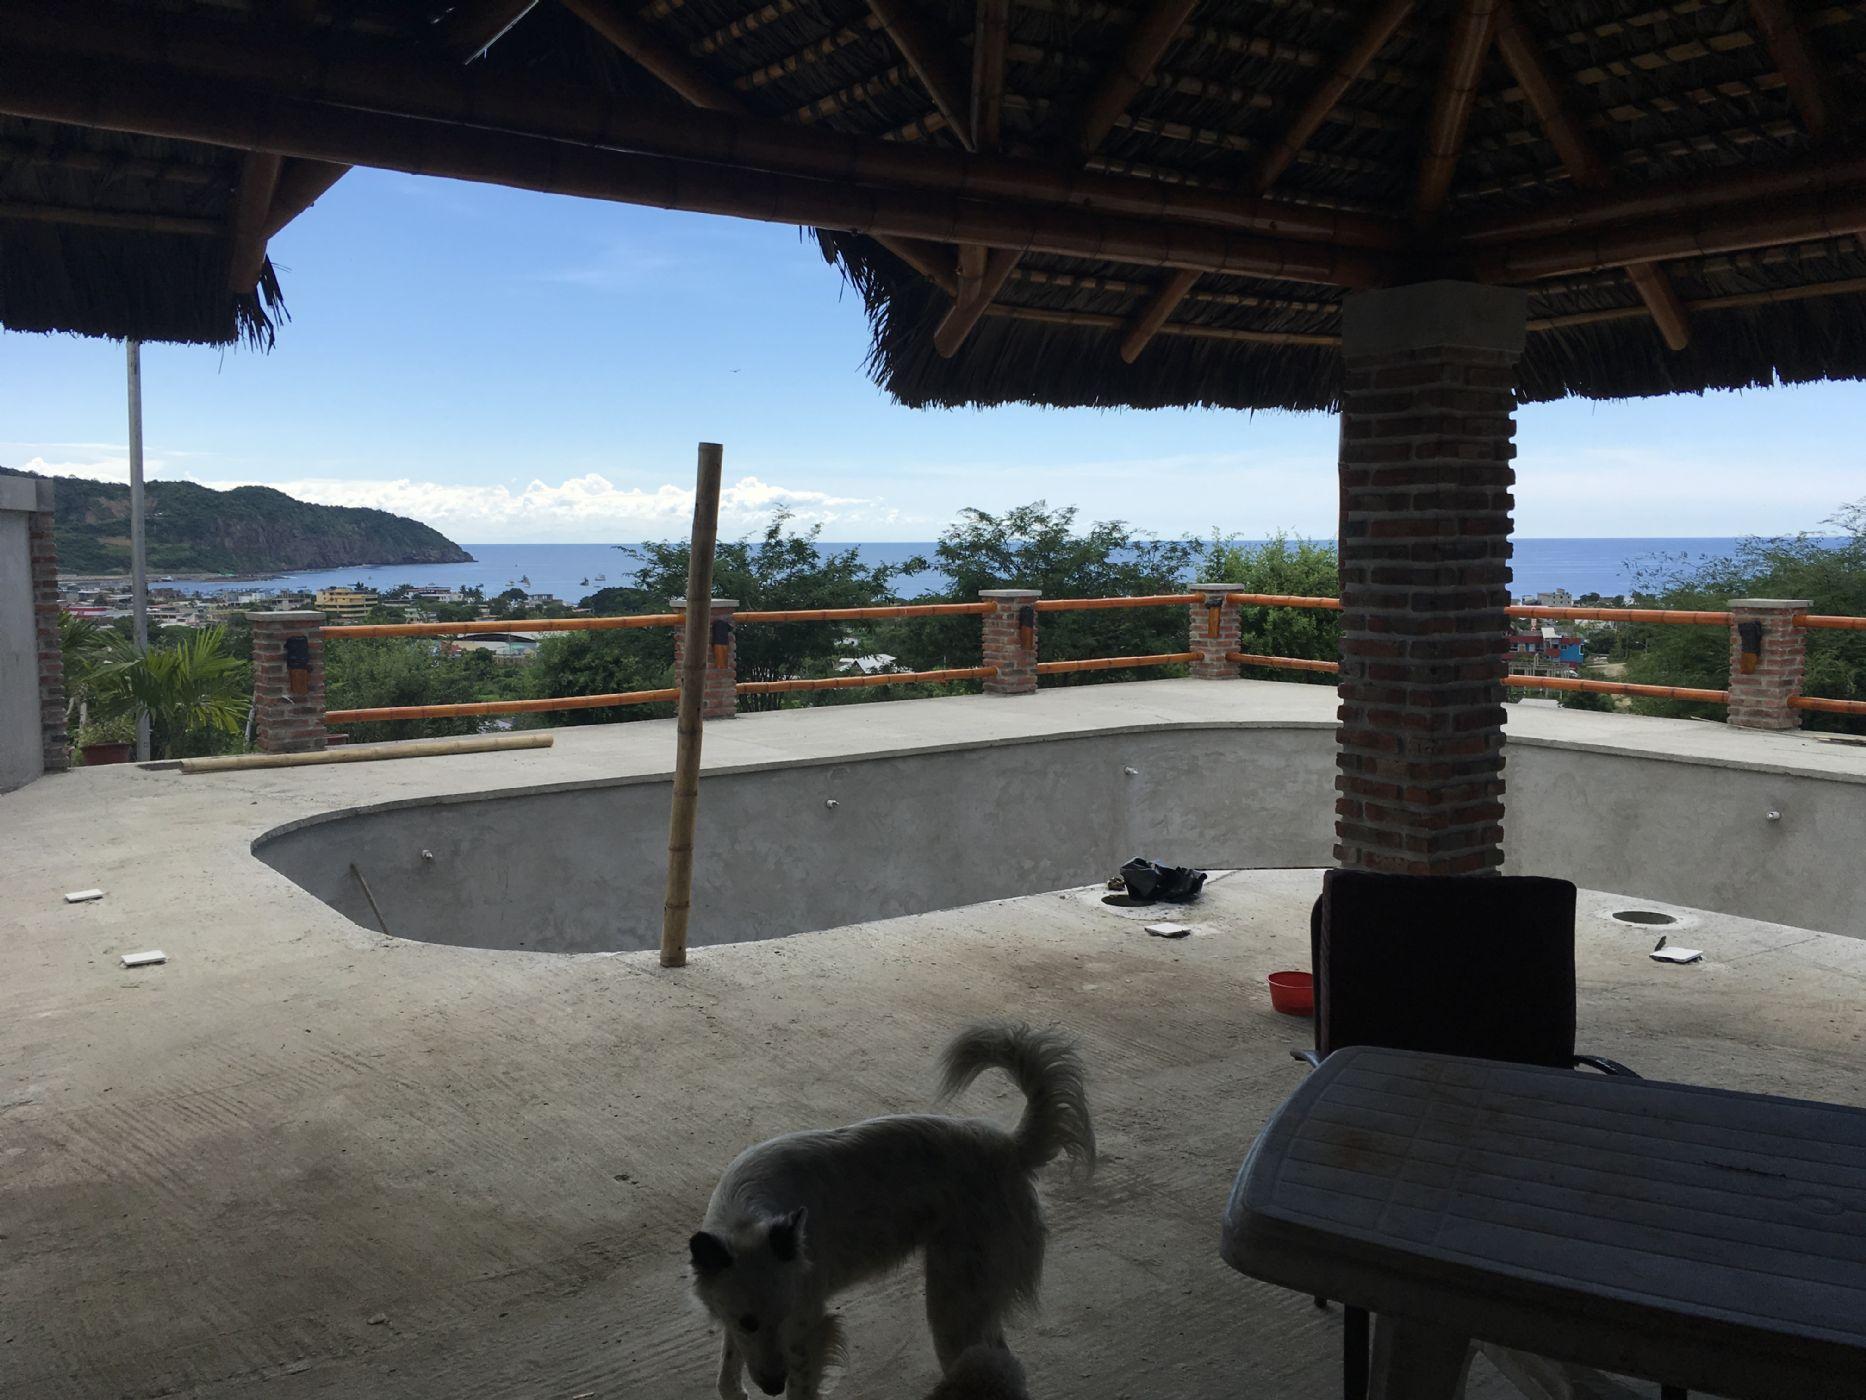 Puerto-Lopez-Ecuador-property-500544-10.JPG